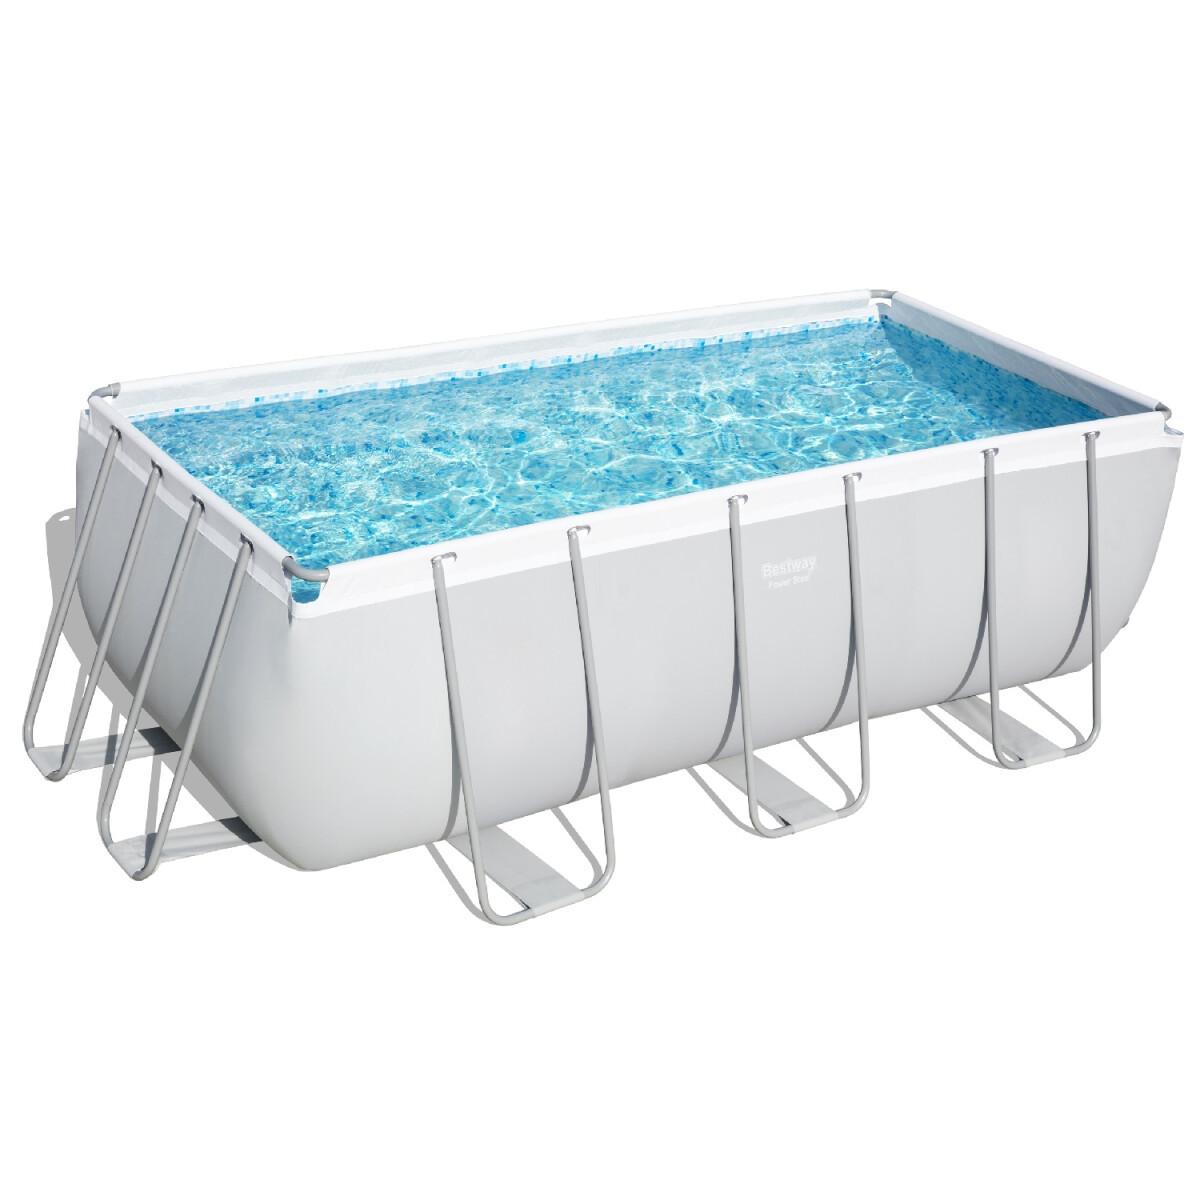 Каркасний басейн 56457 (412х201х122) з піщаним фільтром